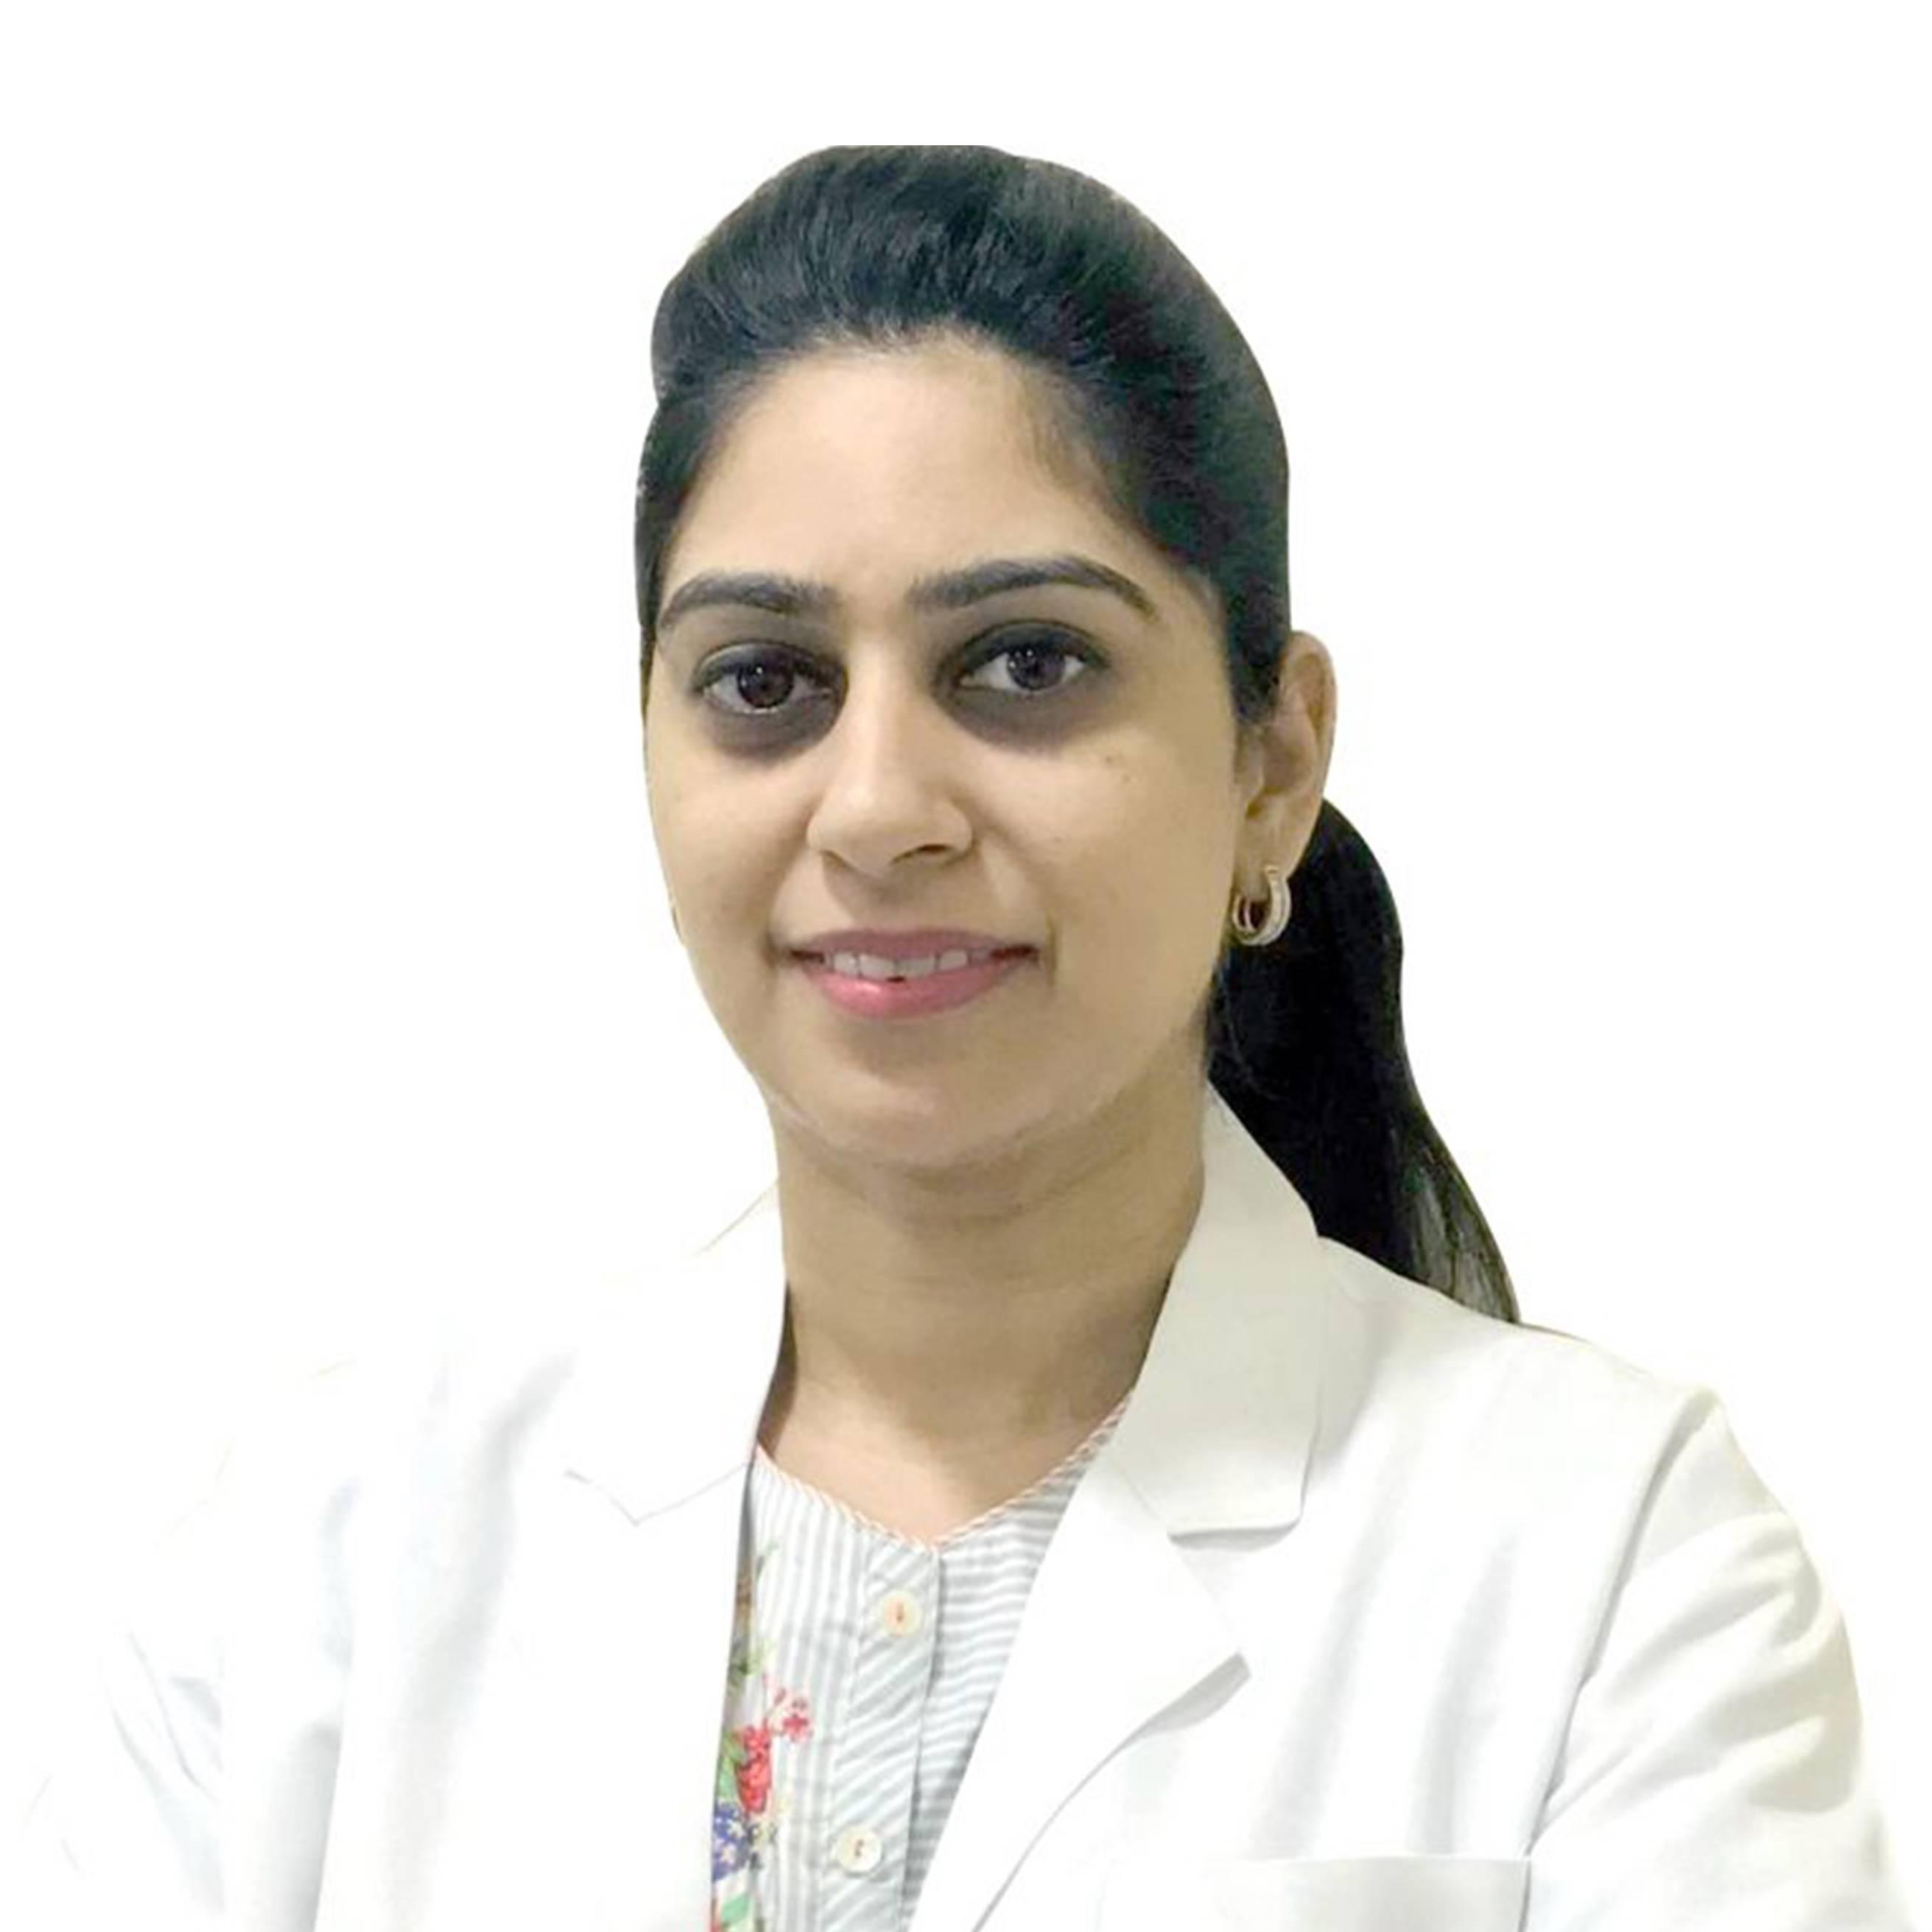 Dr. Shaffie Baidwal